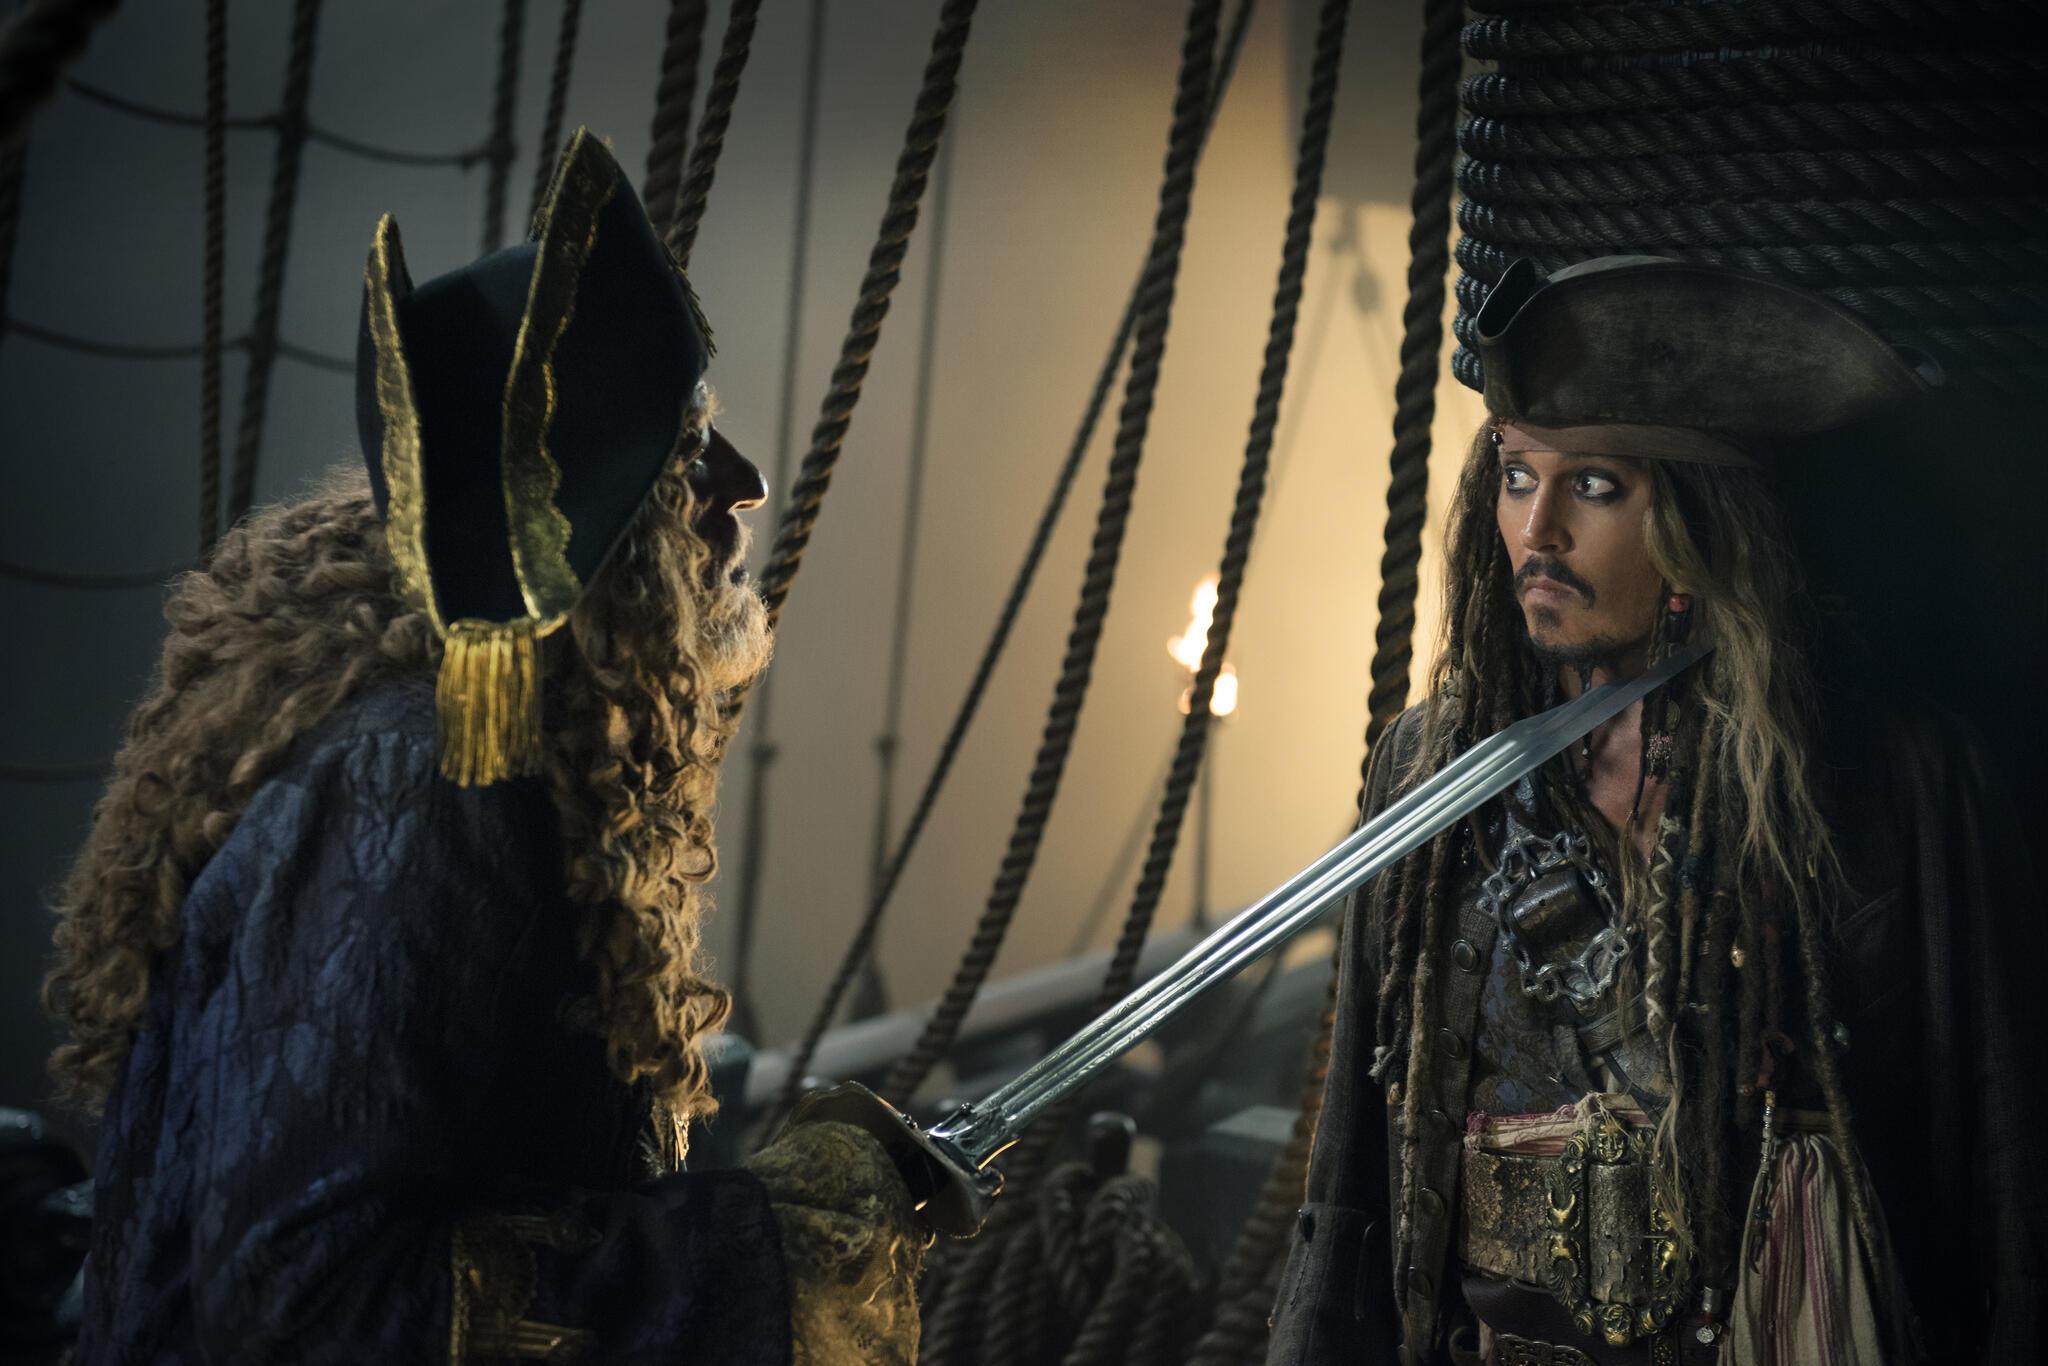 Jack Sparrow wird von Barbossa mit dem Schwert bedroht. Passion of Arts, die 5 BESTEN am DONNERSTAG